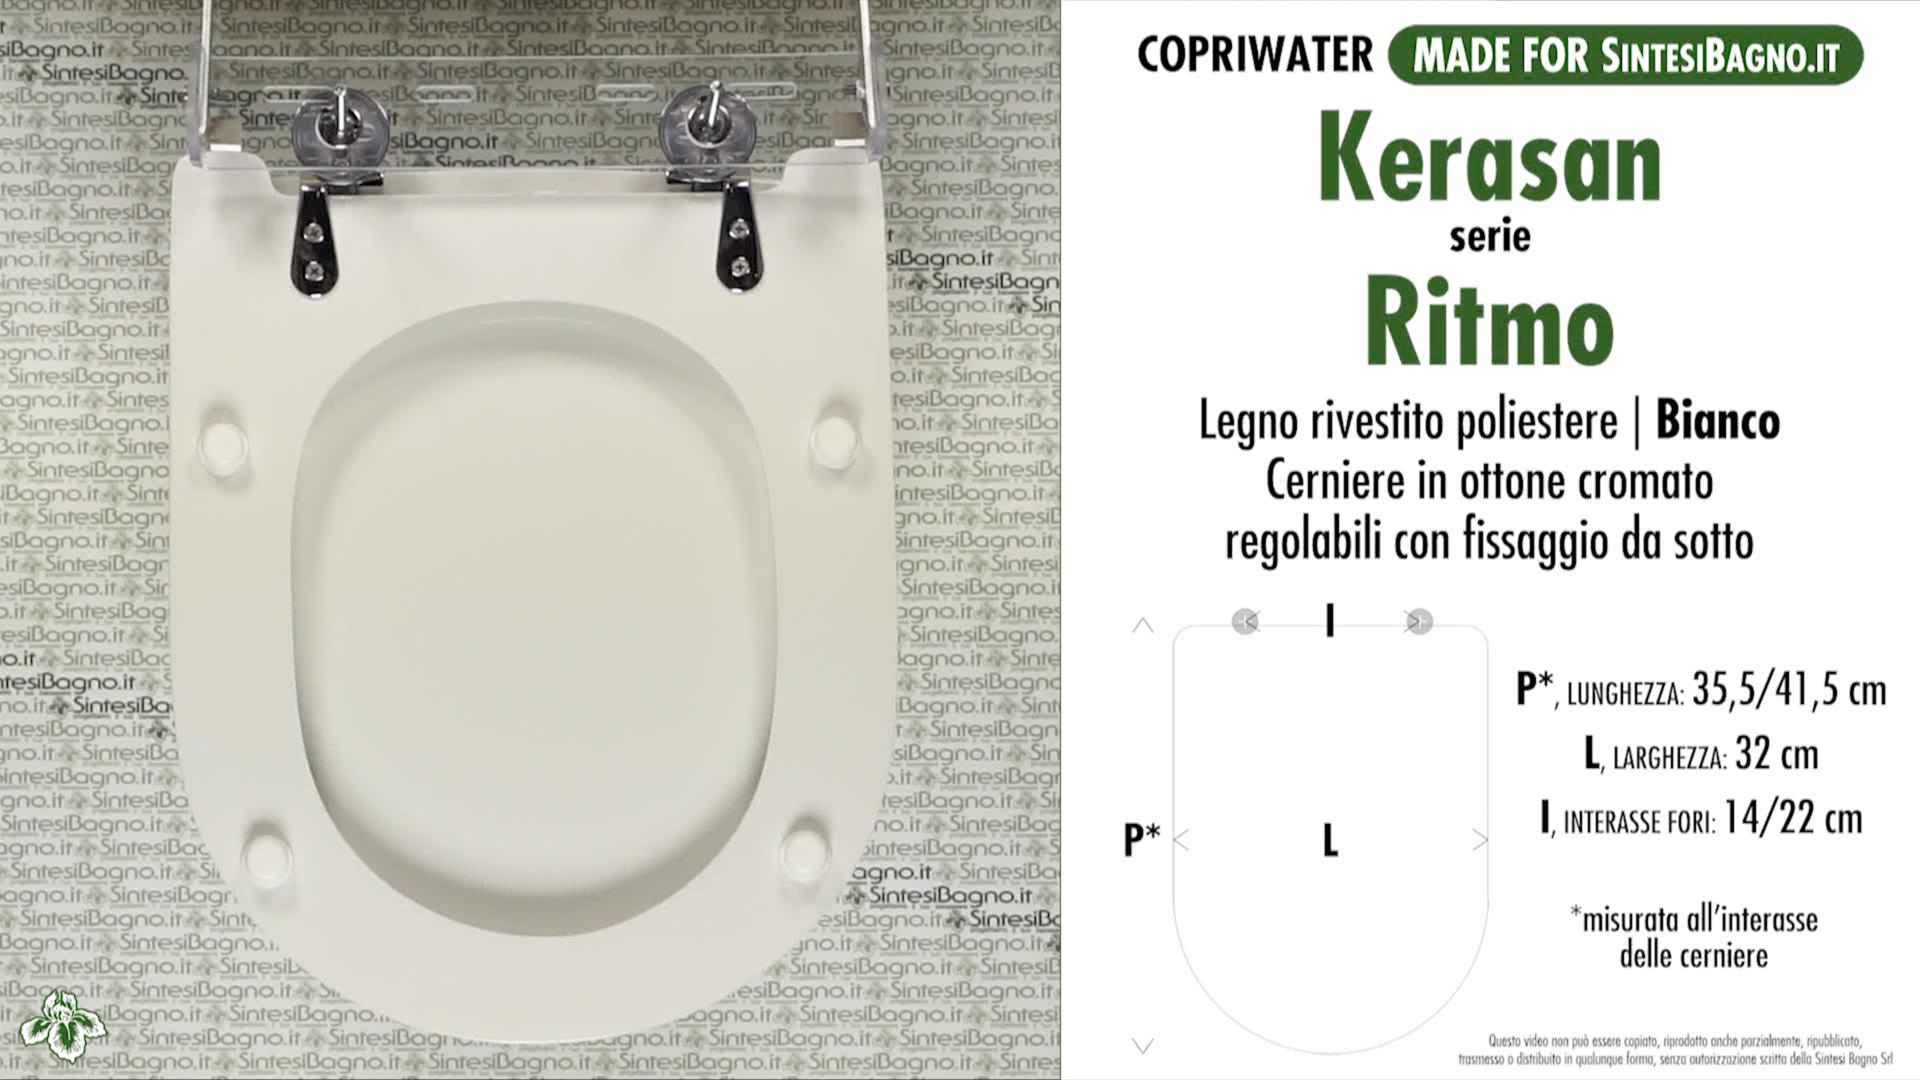 SCHEDA TECNICA MISURE copriwater KERASAN RITMO